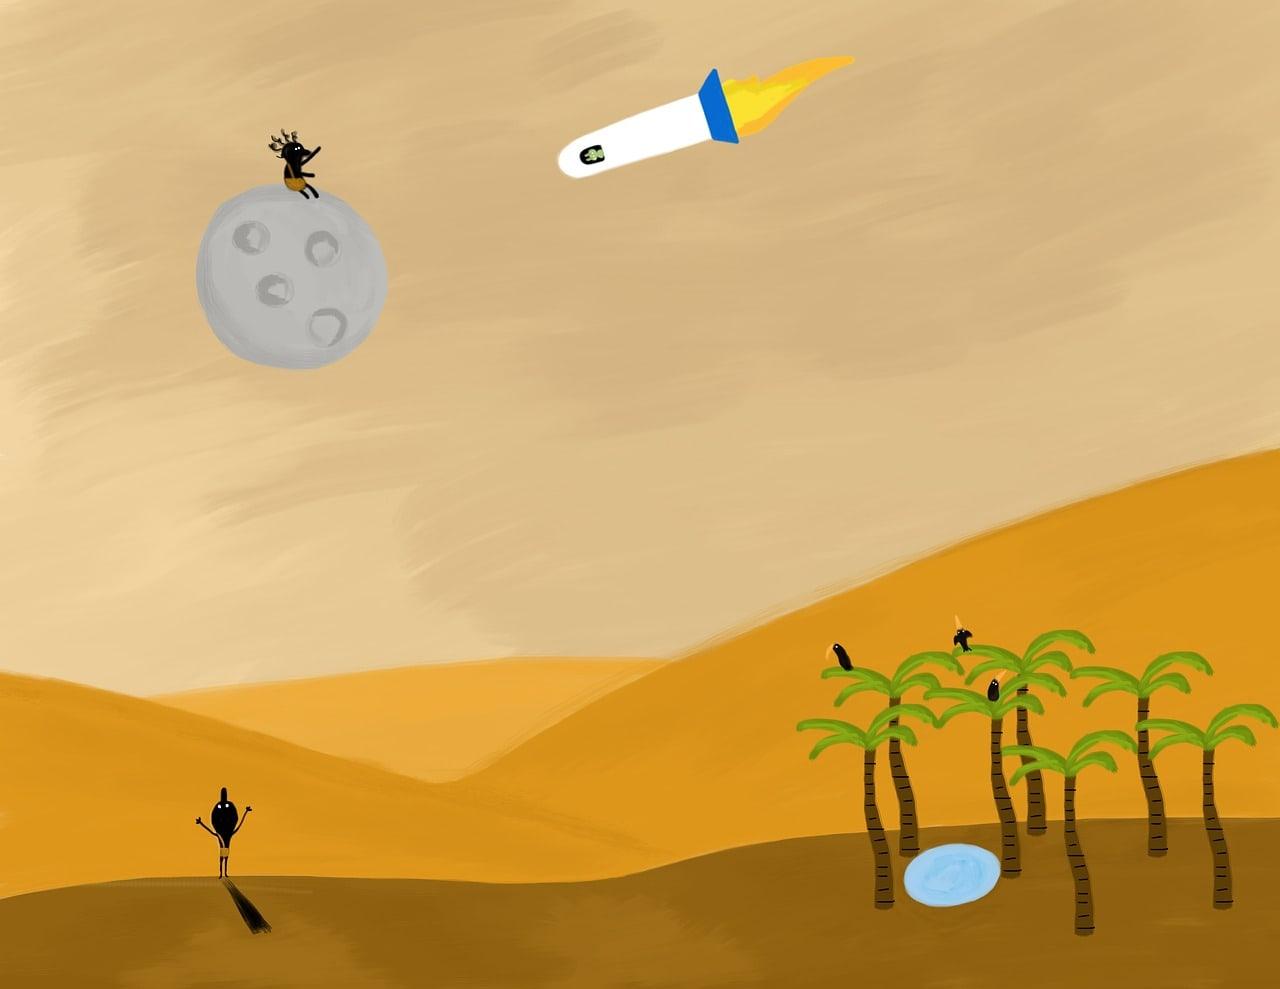 Как рисовать иллюстрации: Курсы для базовых навыков + создание анимаций